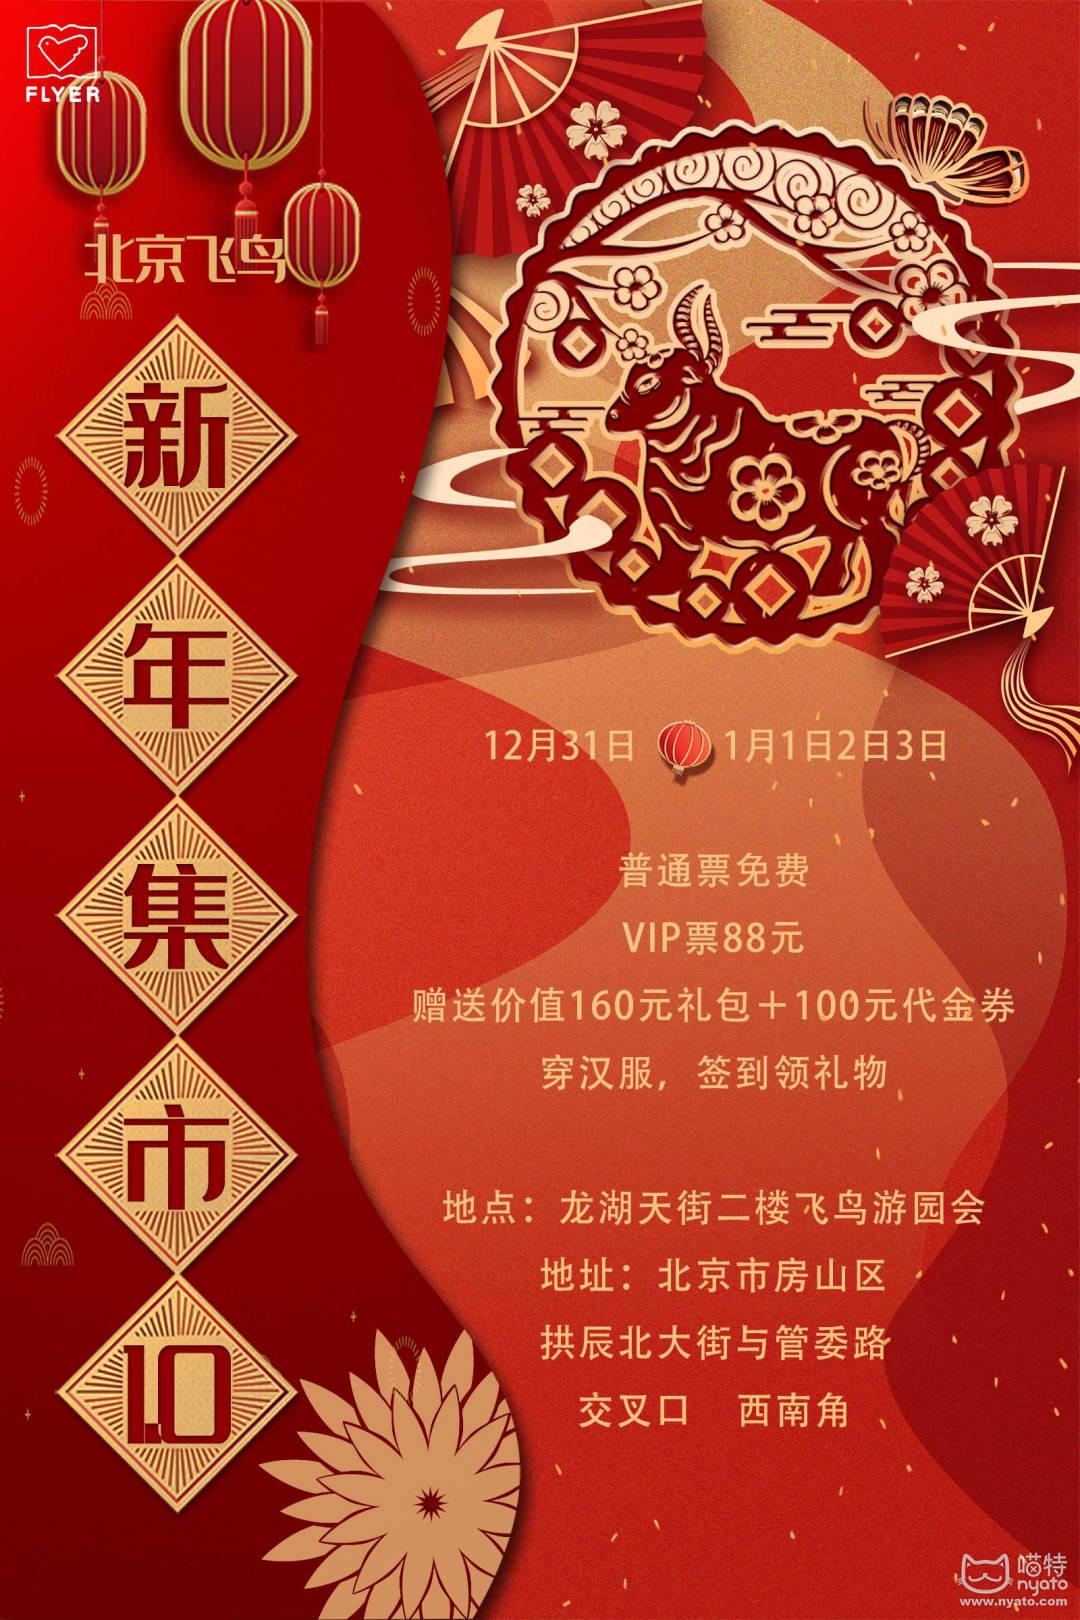 北京飞鸟新年集市1-竖版.jpg